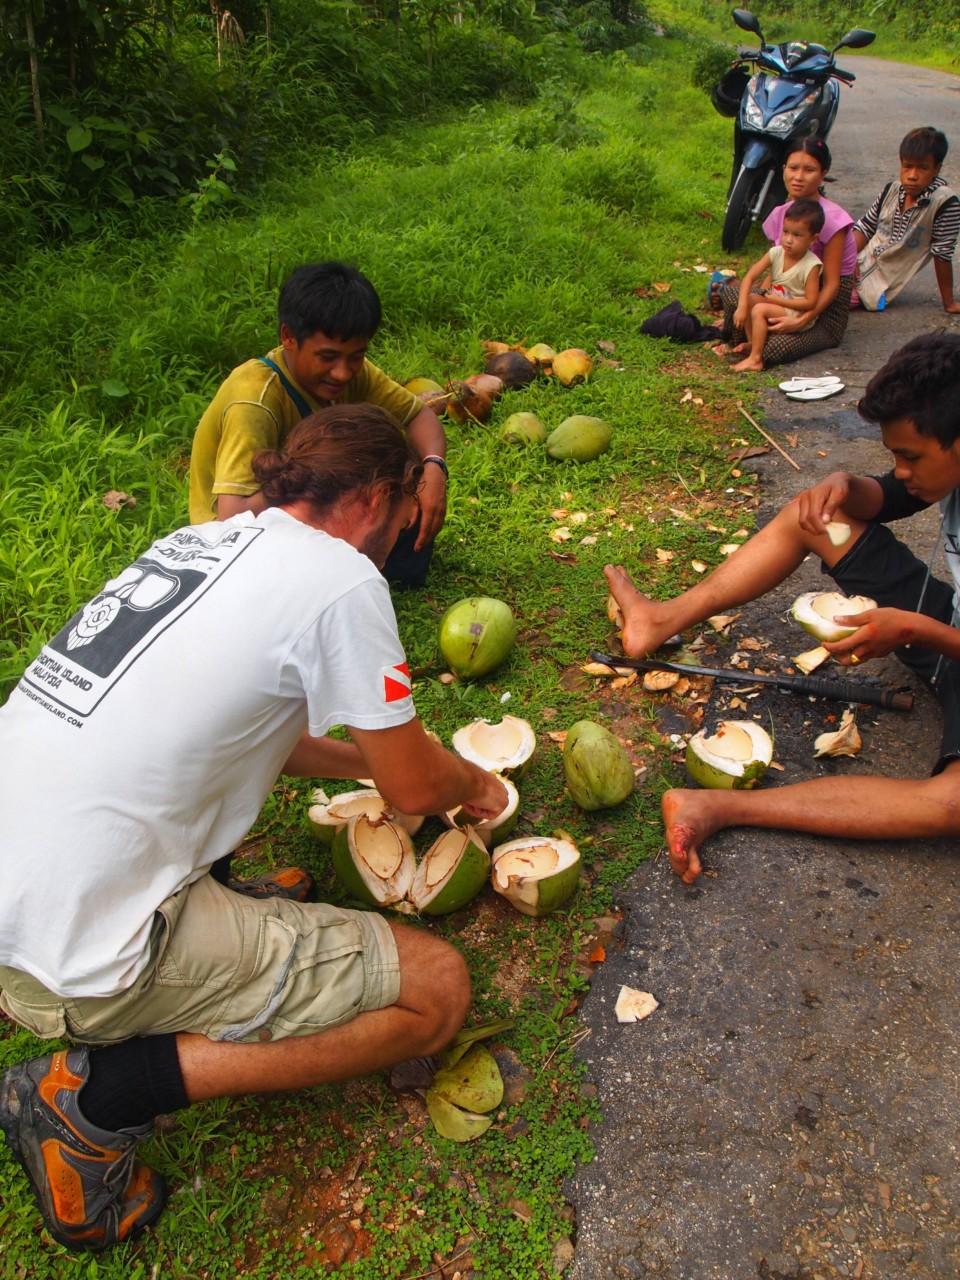 Einheimische schenkten uns Kokosnüssen. Die Leute saßen auf der Straße als wir mit dem Roller vorbei fuhren.